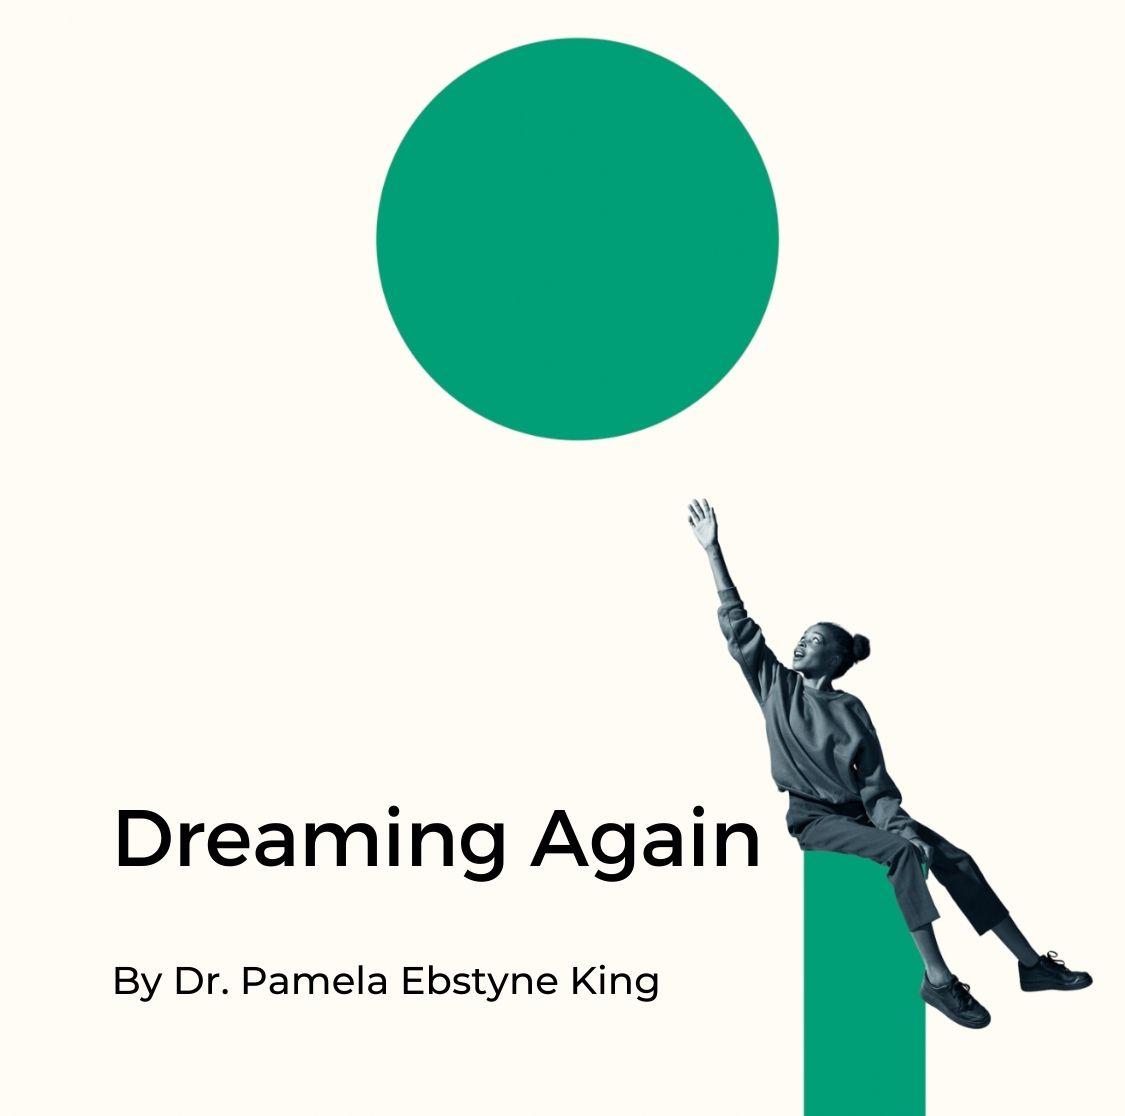 Girl reaching for dream